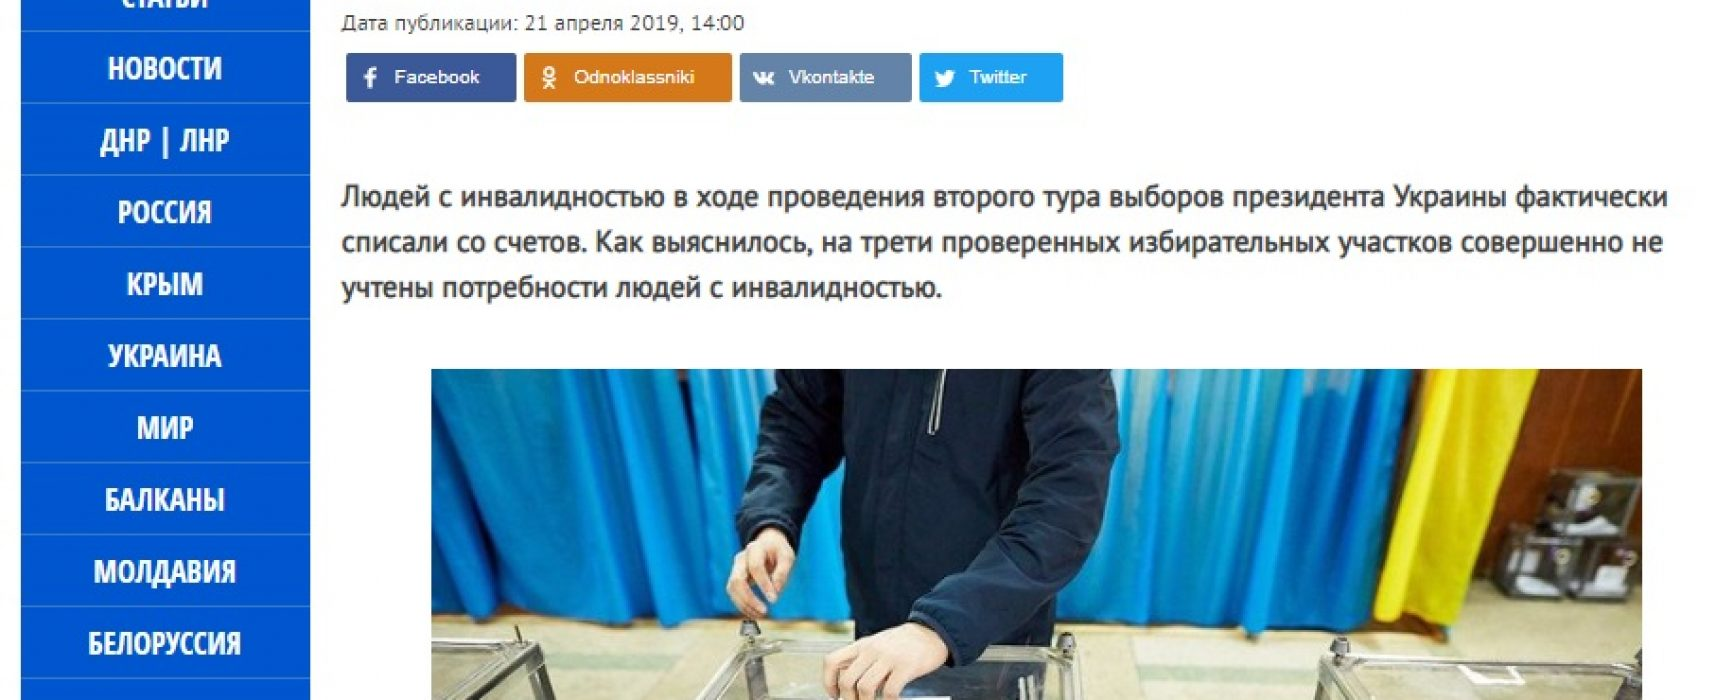 Manipulativ: Zentrale Ukrainische Wahlkommission ignoriert Menschen mit Behinderungen in der Präsidentschaftswahl